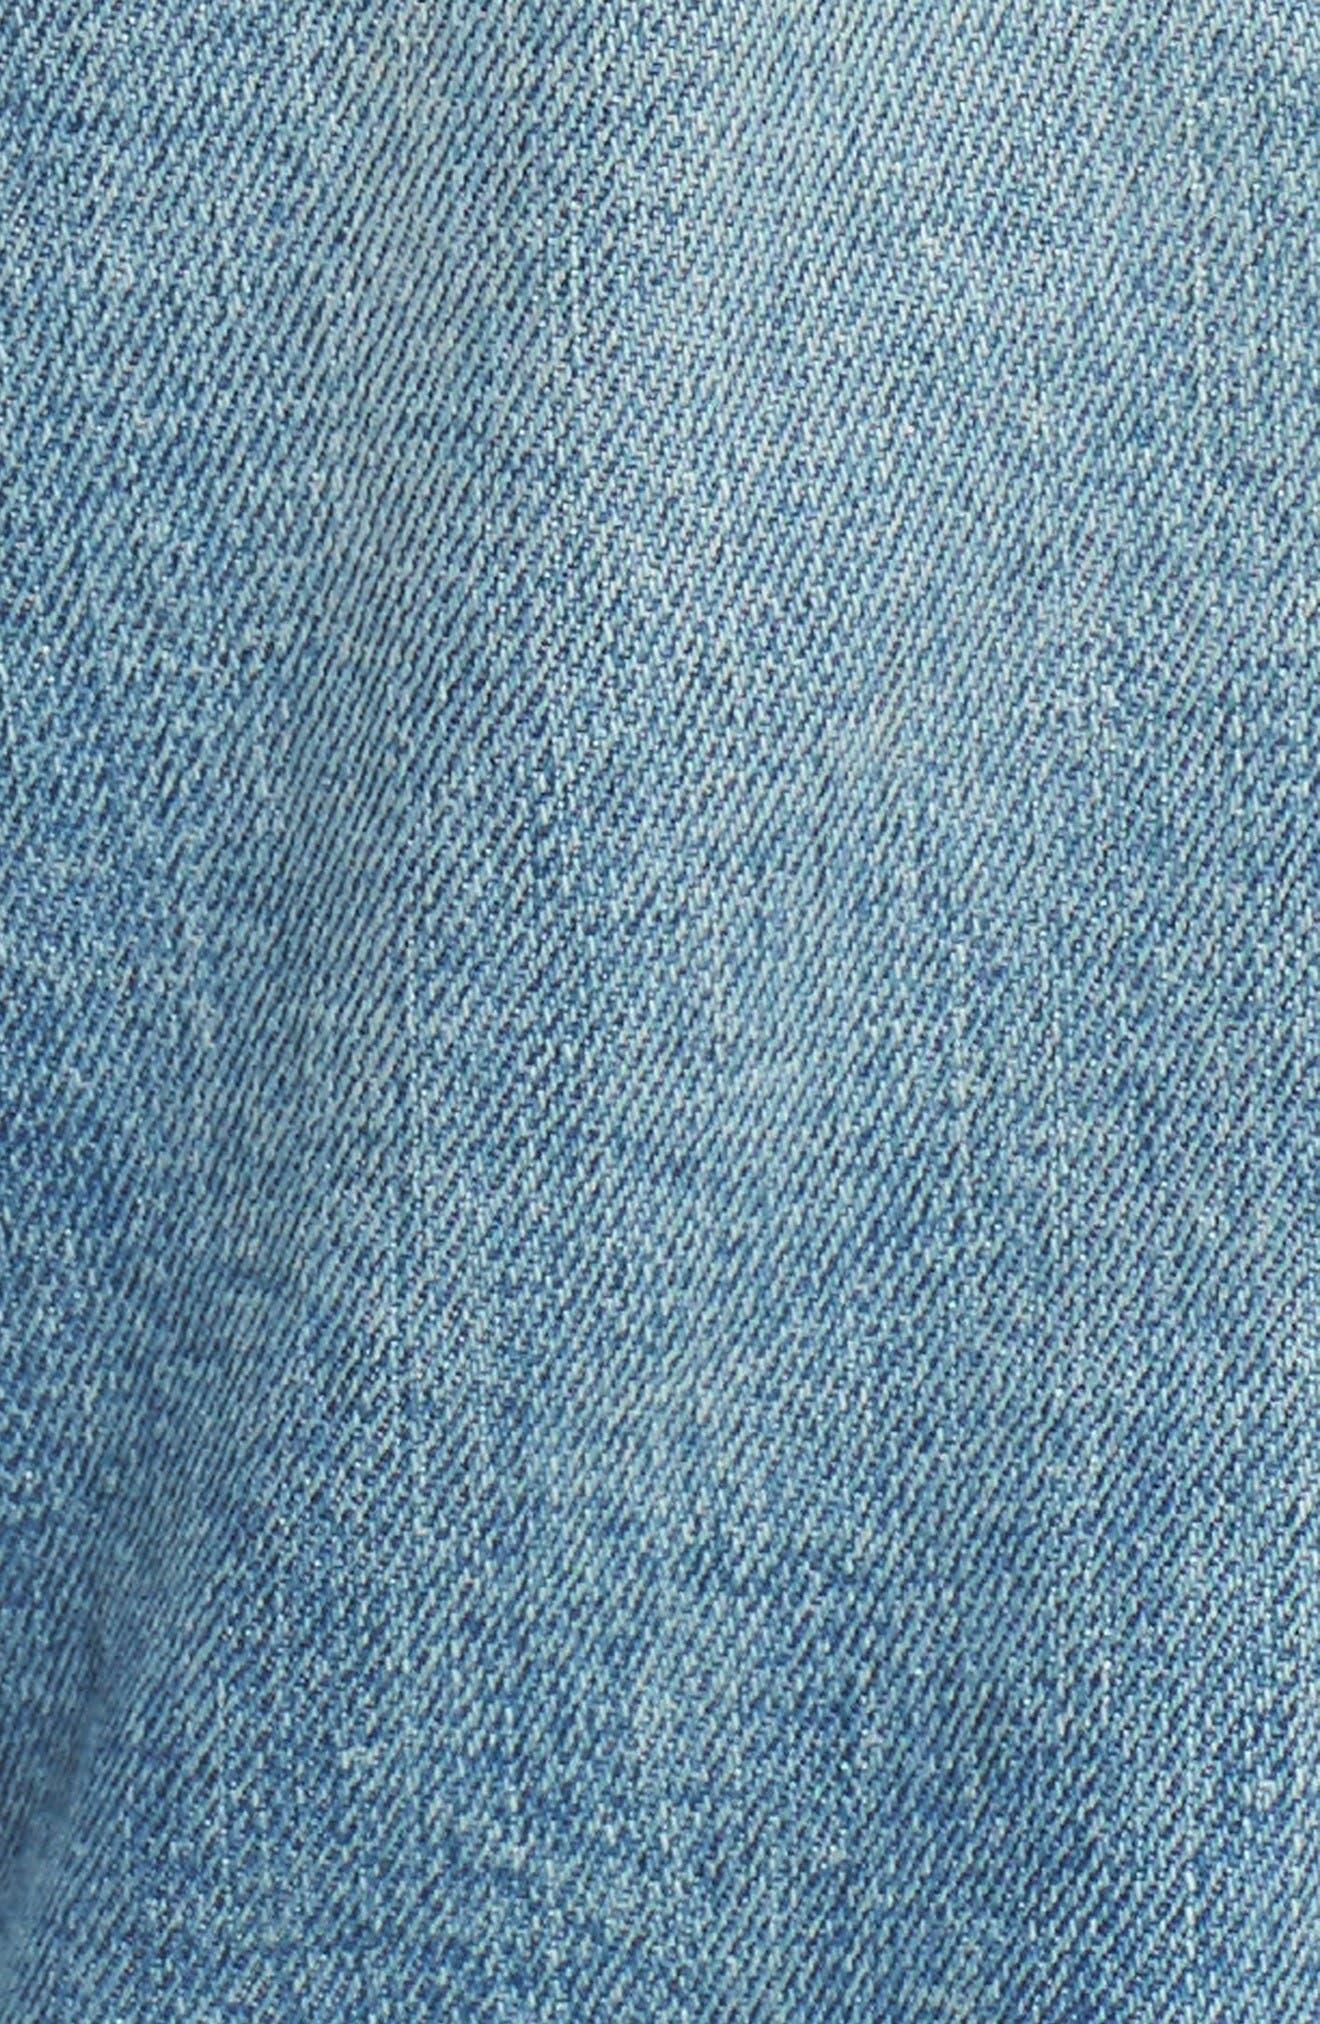 Alternate Image 5  - Hudson Jeans Blinder Biker Skinny Fit Jeans